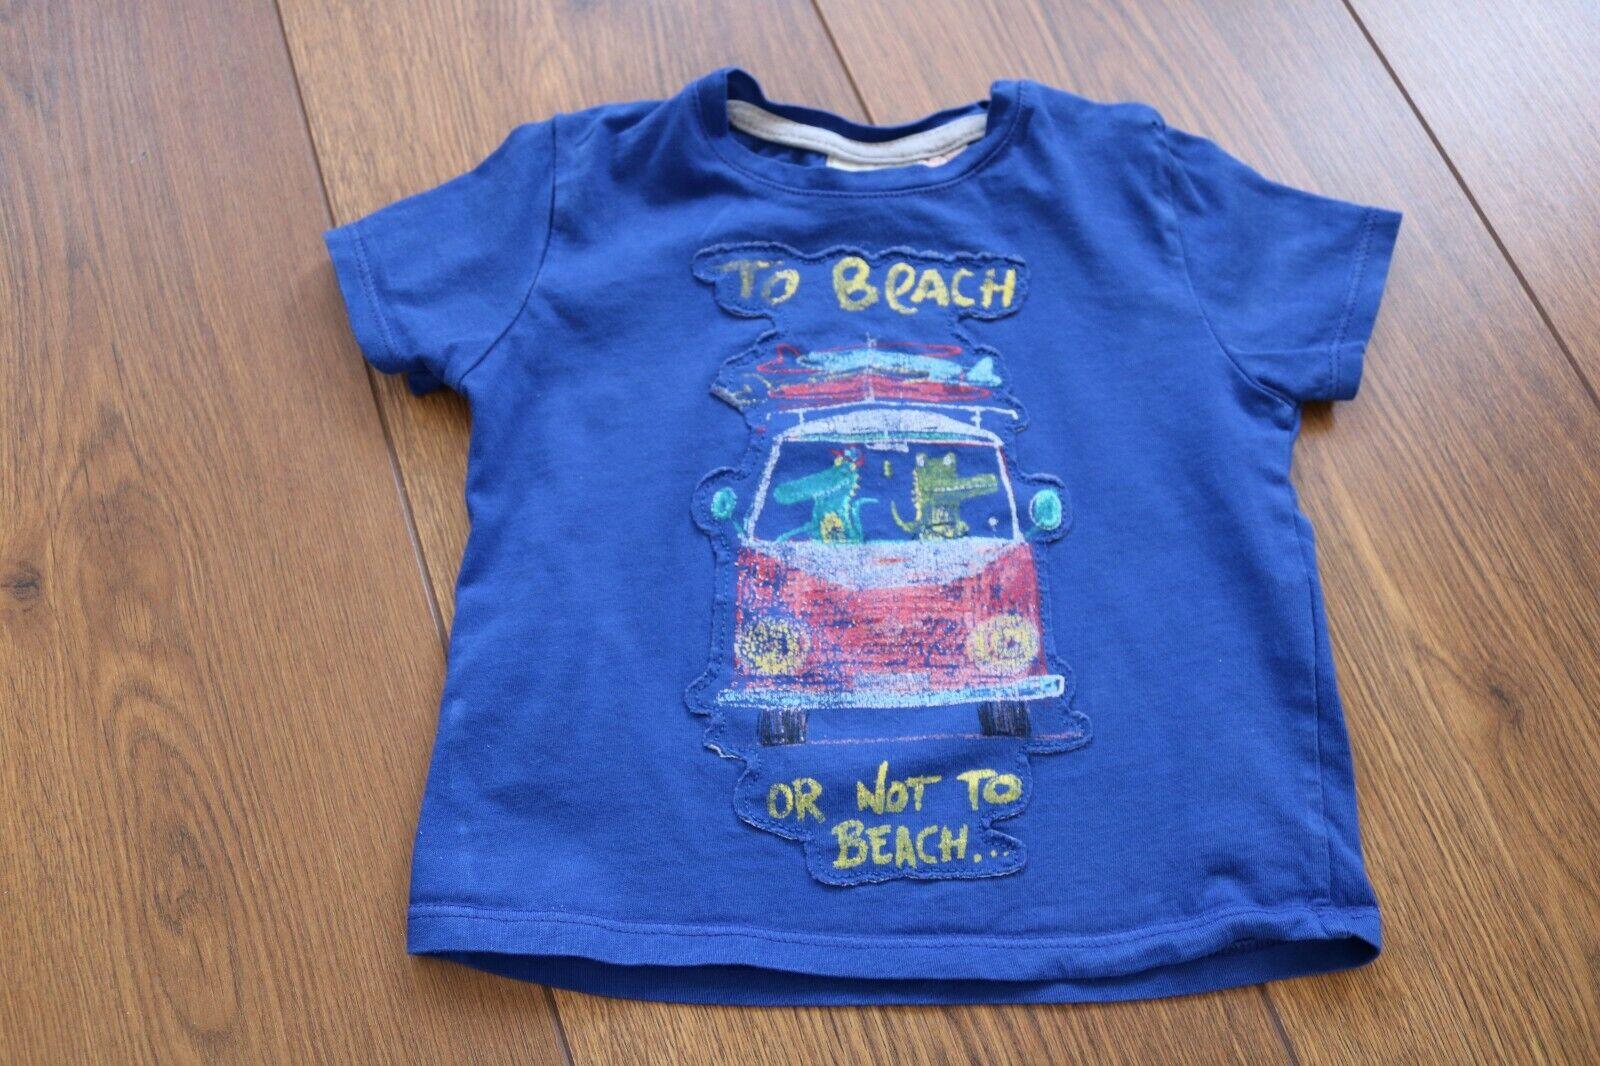 ZARA*T-Shirt Baby Jungen Gr. 74*blau,Beach,Shirt,Hemd,Top,Sommer,Jungs,Freizeit